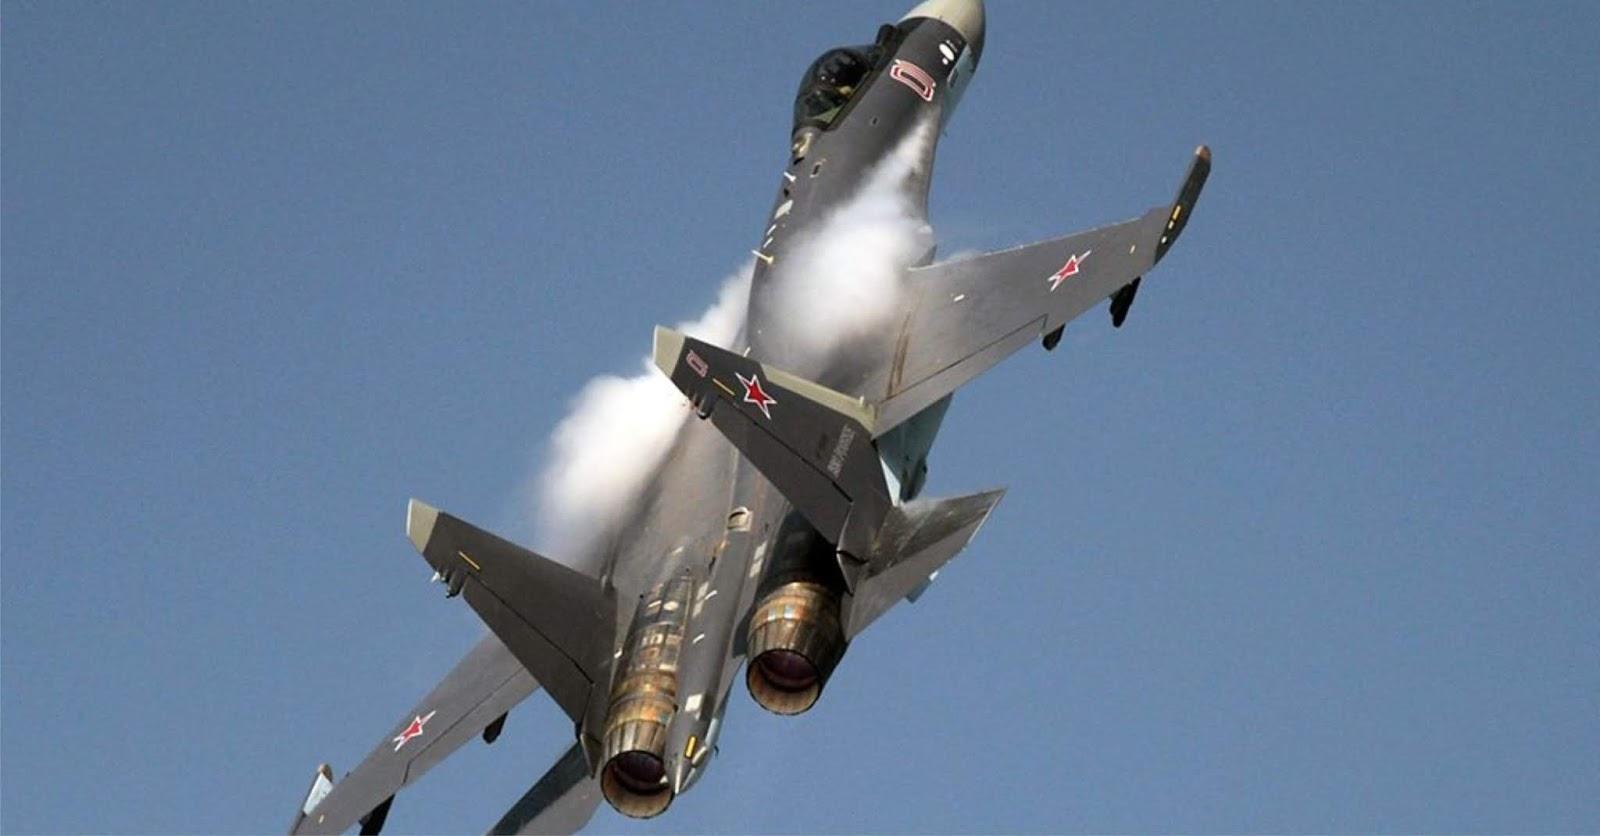 Pasar Senjata Indonesia membuka cakrawala baru bagi Rusia